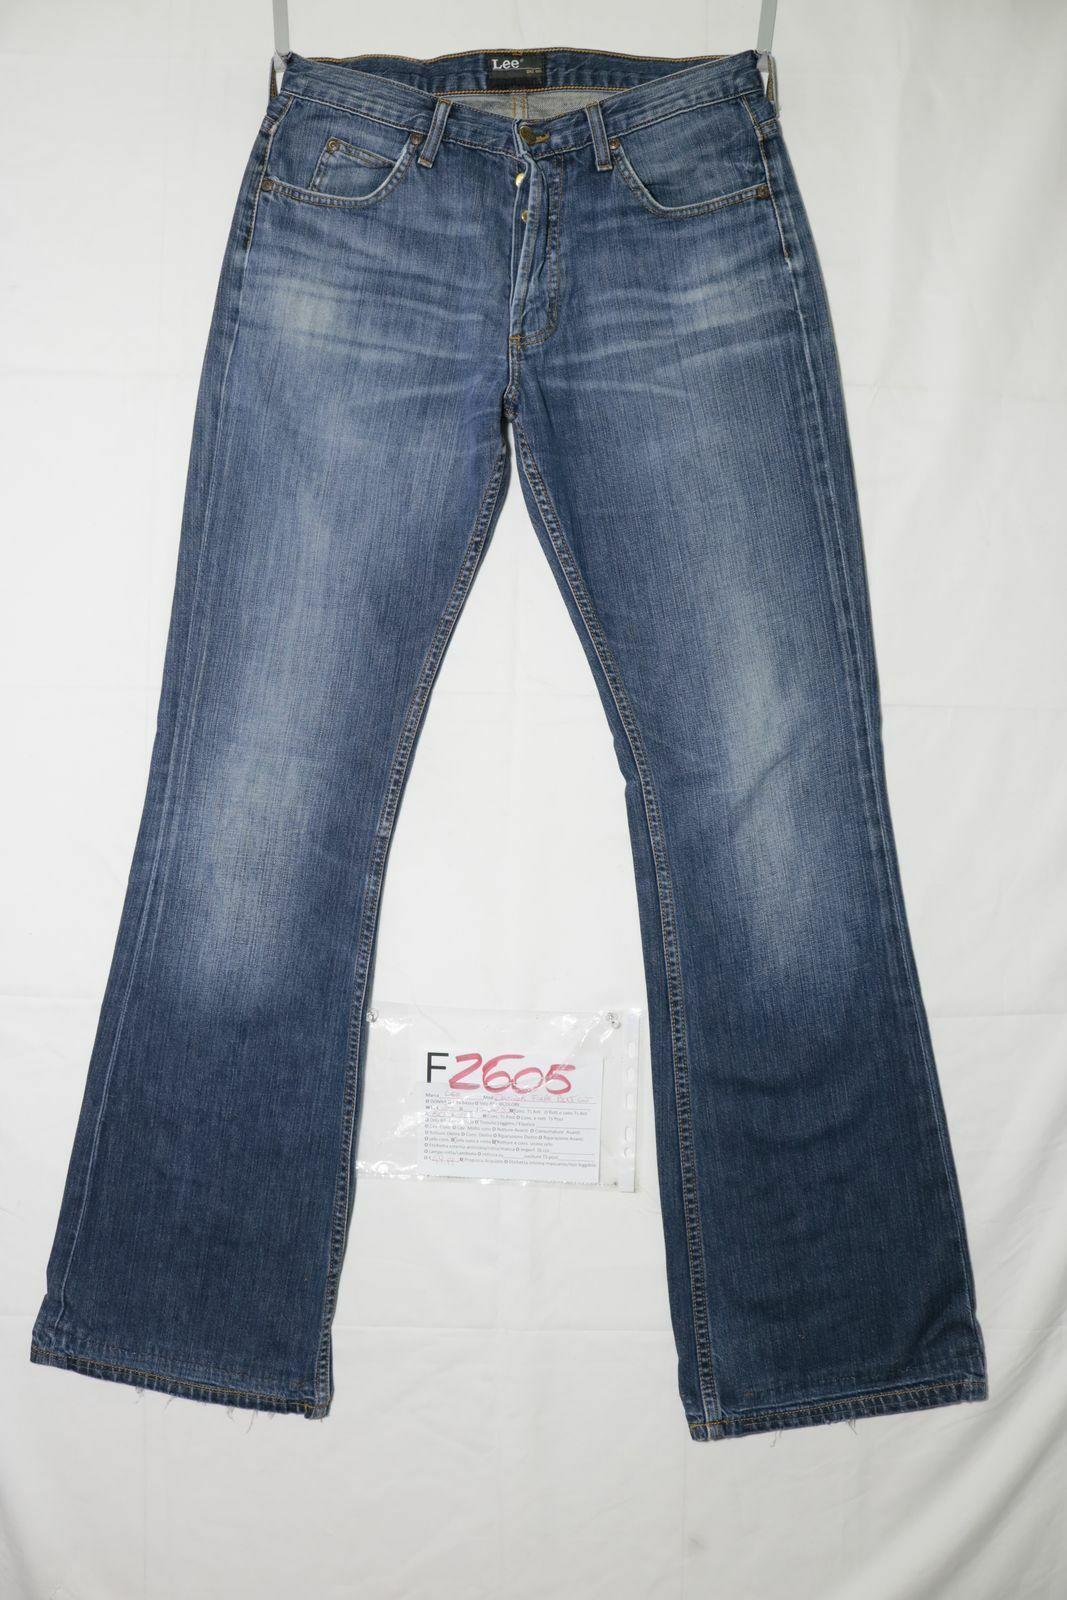 Lee Denver Flare démarragecut D& 039;Occassion (Cod.F2605) W32 L34 en Jeans Jeans à Pattes